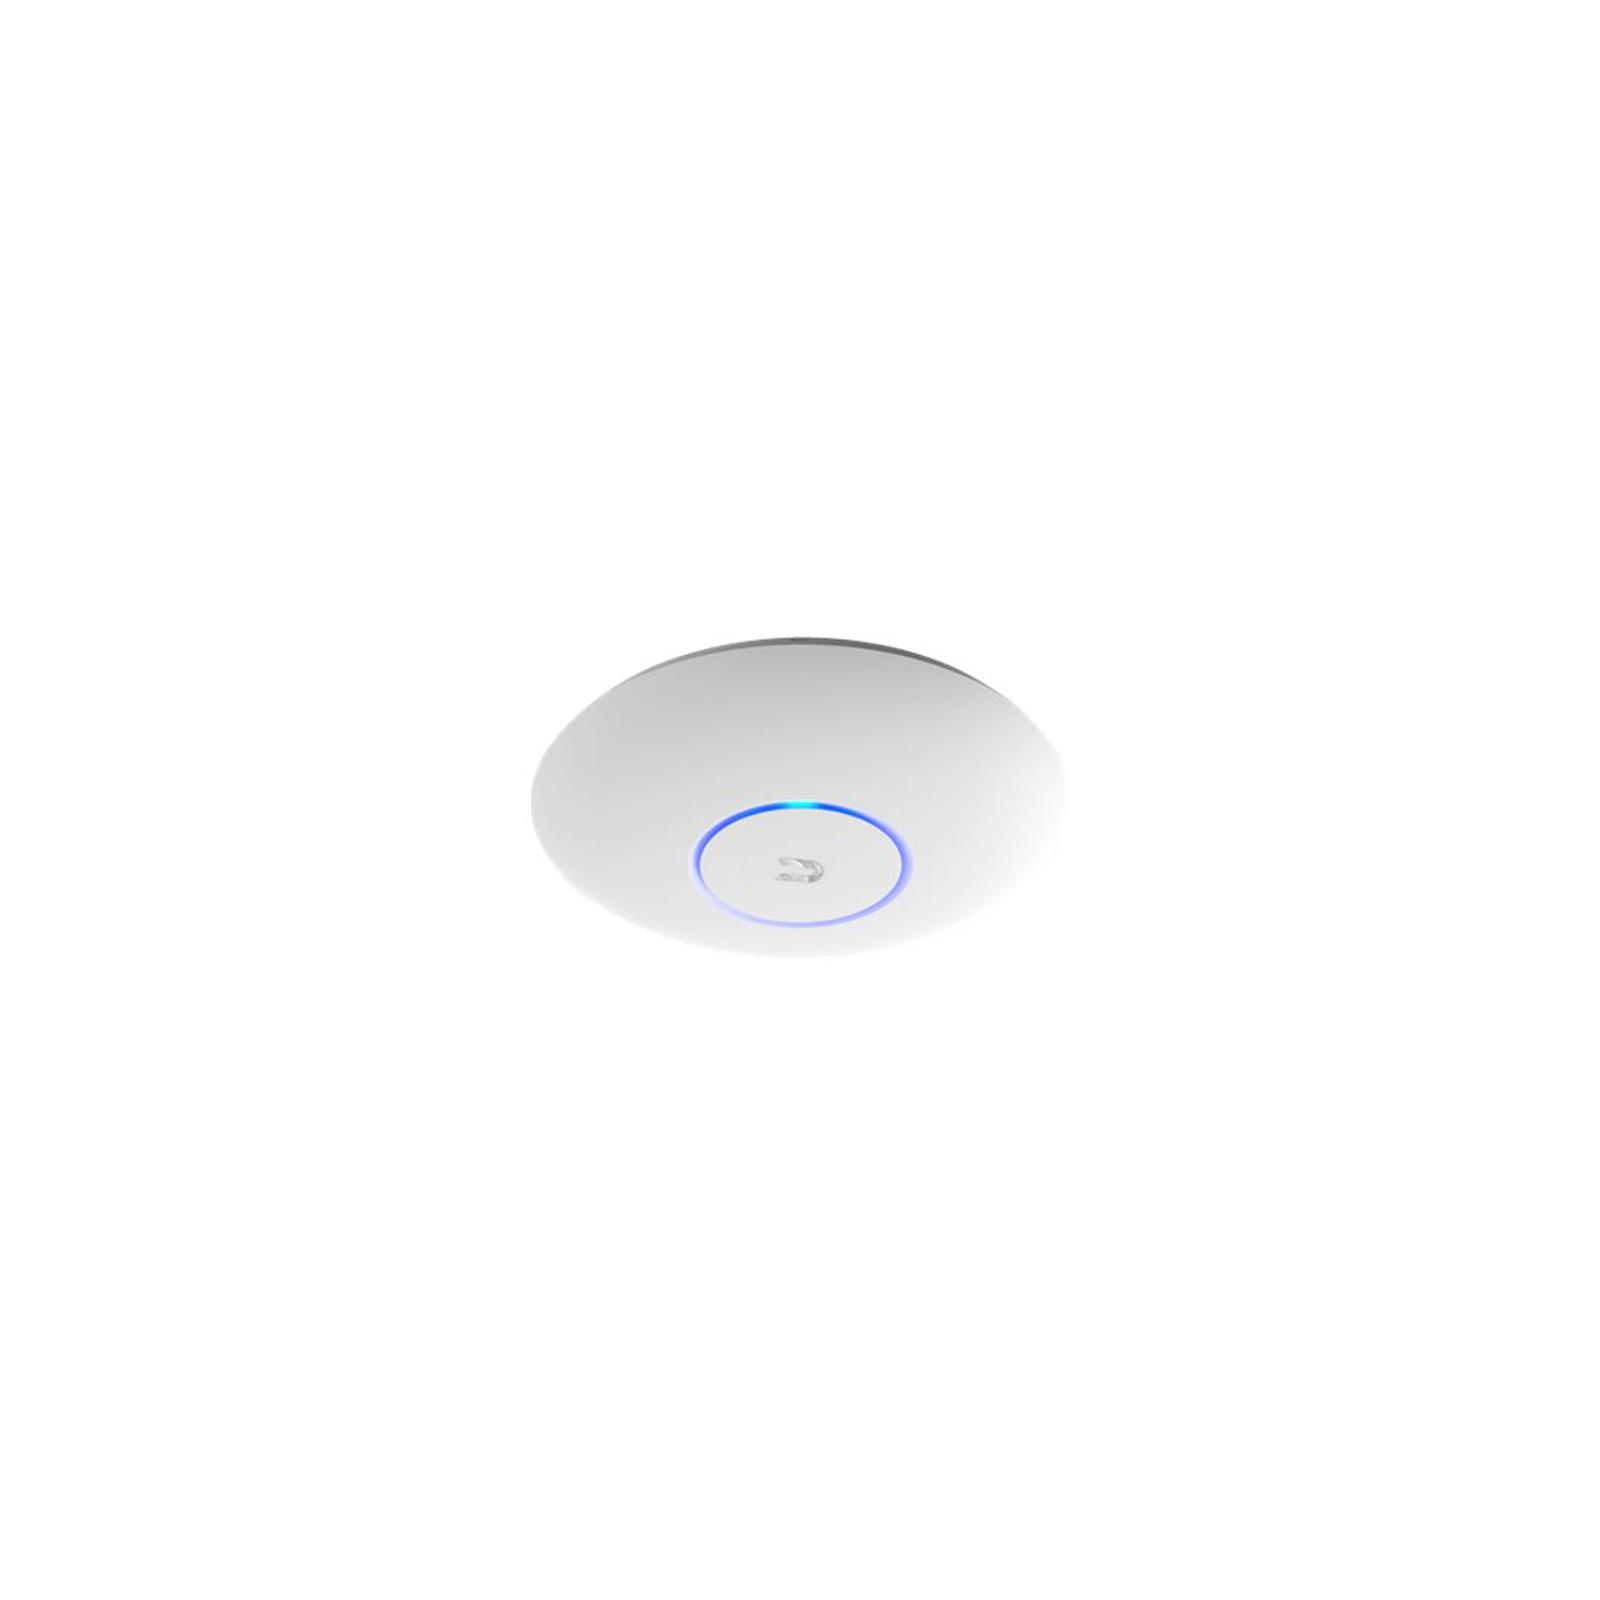 Точка доступа Wi-Fi Ubiquiti UAP-AC-PRO изображение 2